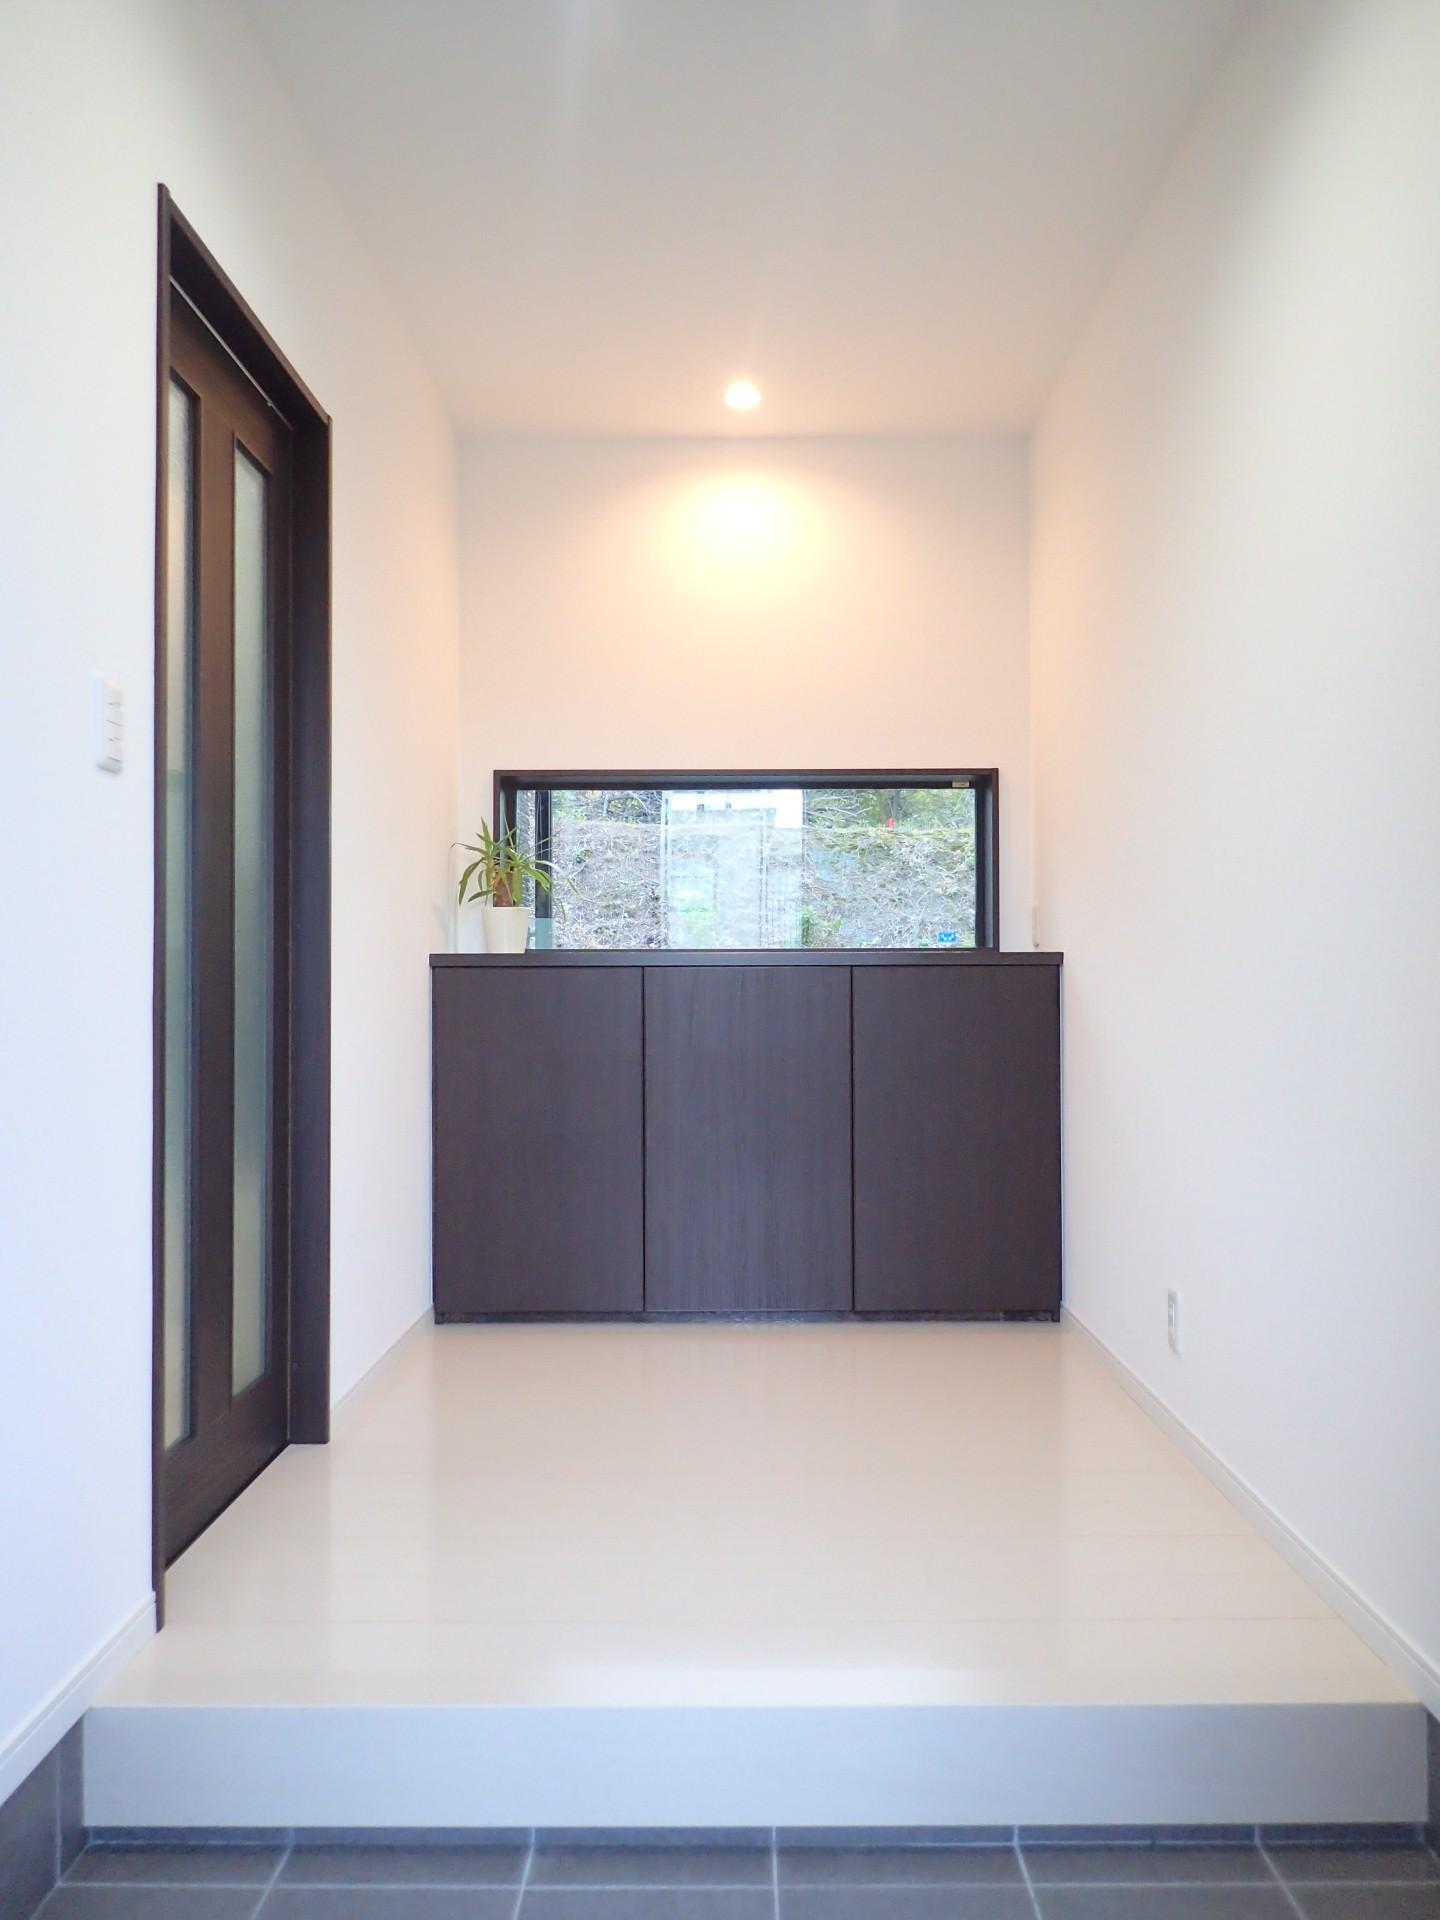 玄関事例:玄関ホール(白と黒を基調としたシンプルモダンな家)